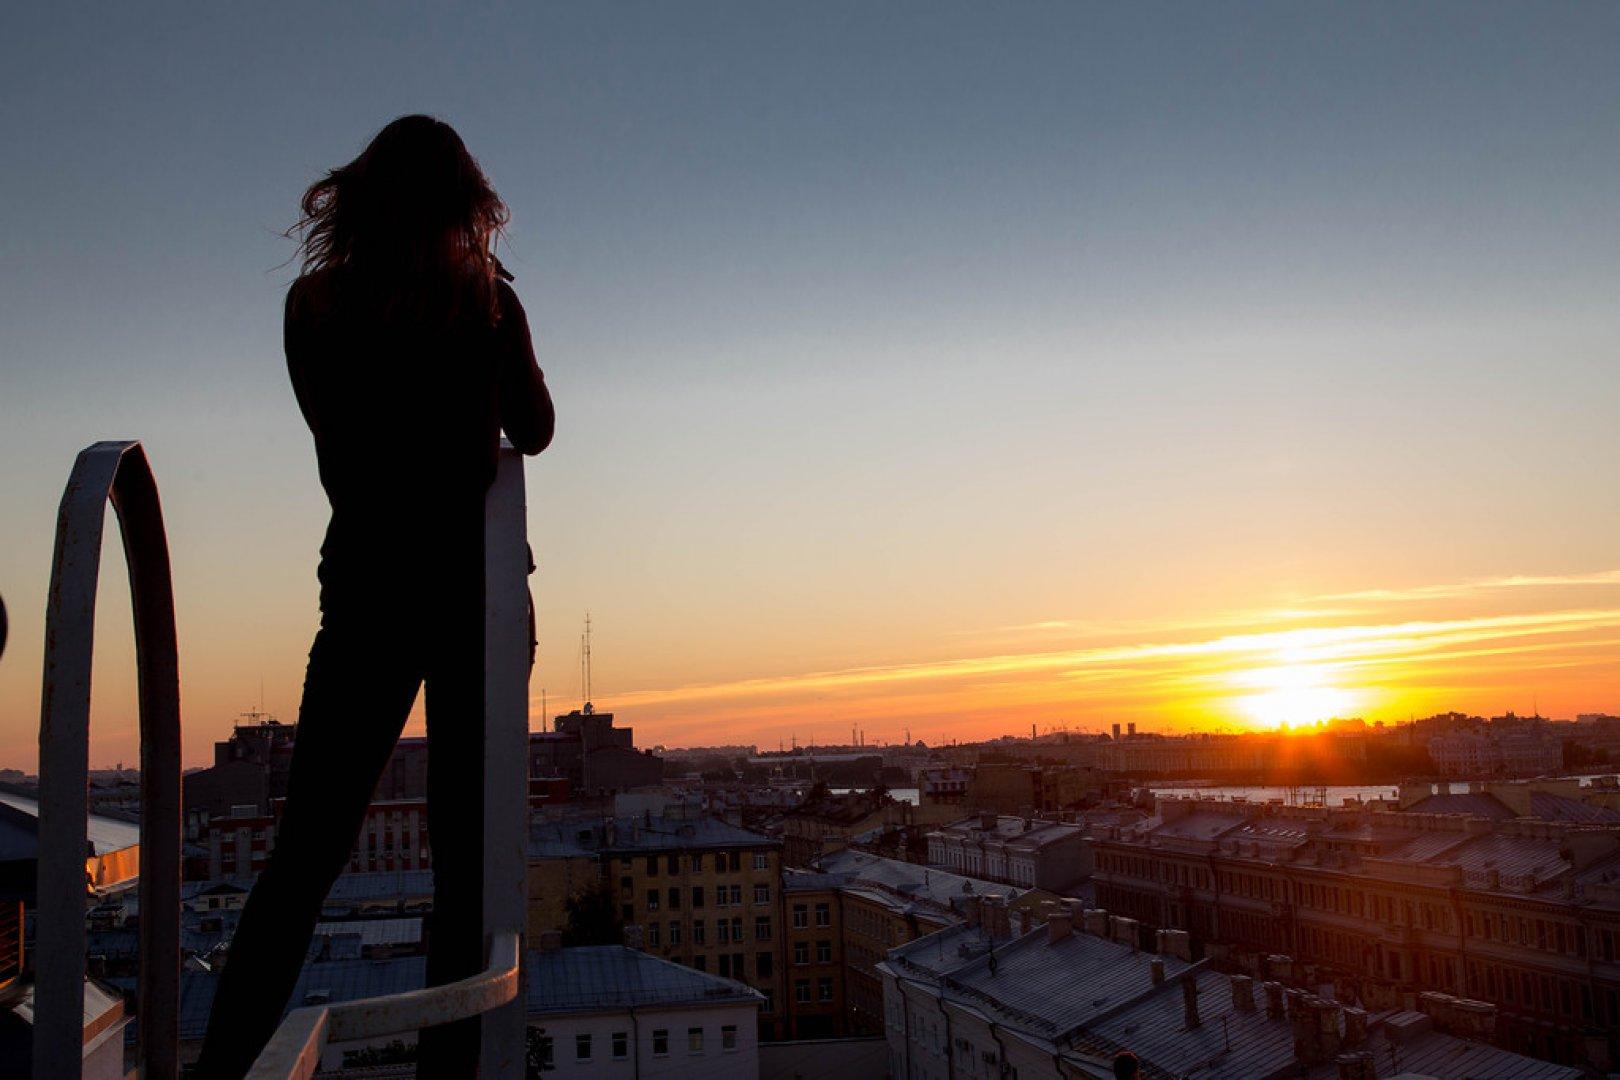 девушка крыша закат загрузить